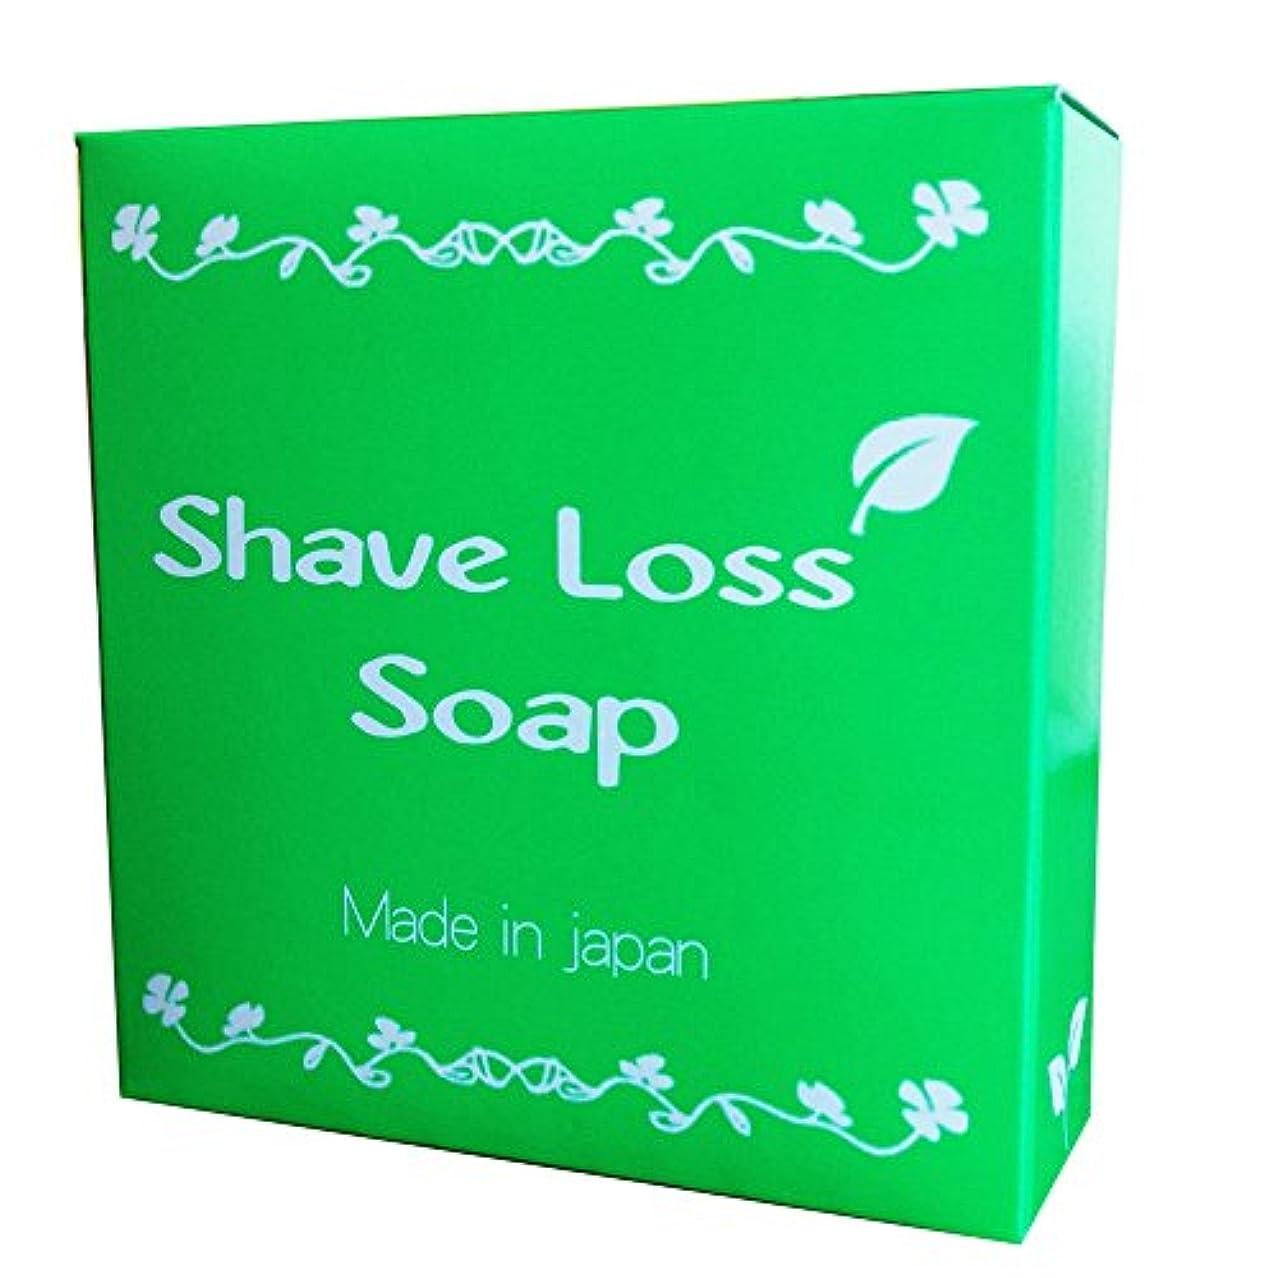 第二に腐った絡み合いShave Loss Soap 女性のツルツルを叶える 奇跡の石鹸 80g (1個)